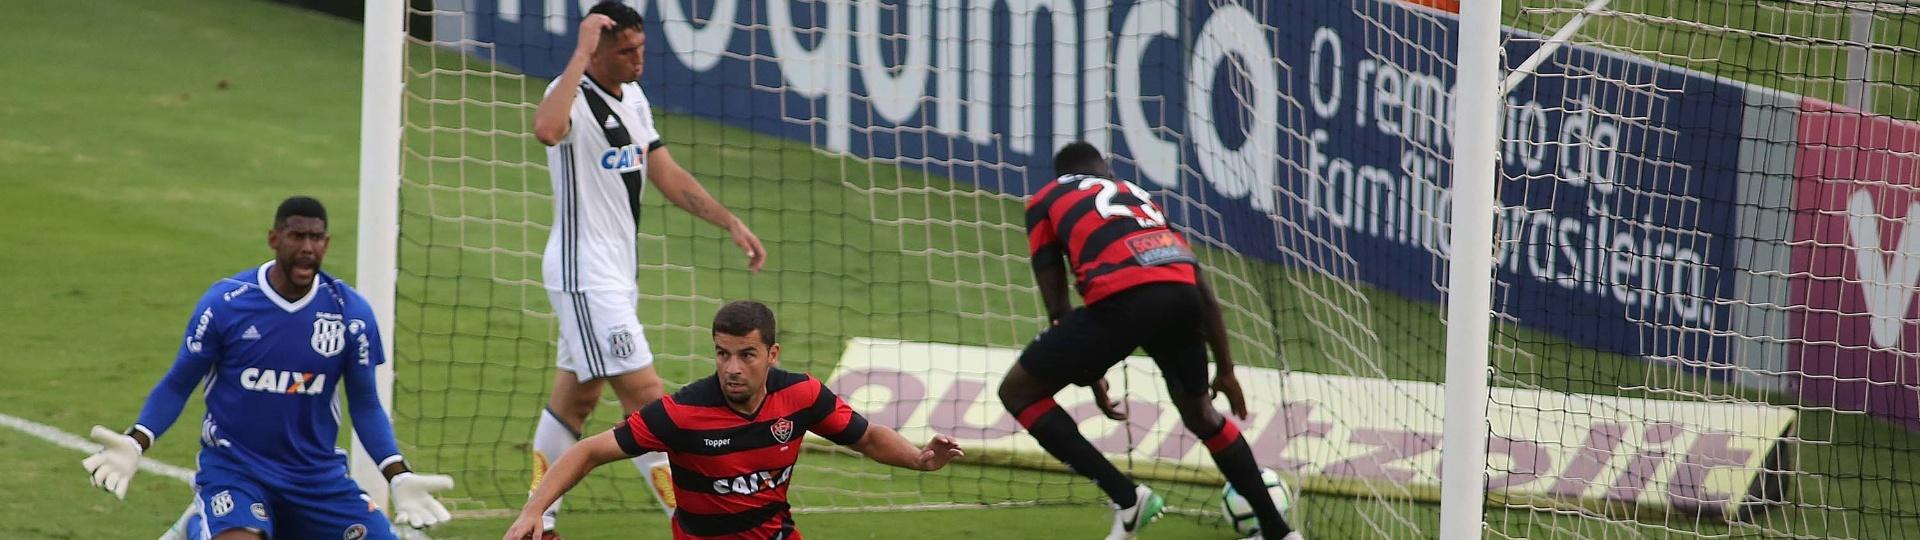 André Lima comemora gol do Vitória contra a Ponte Preta